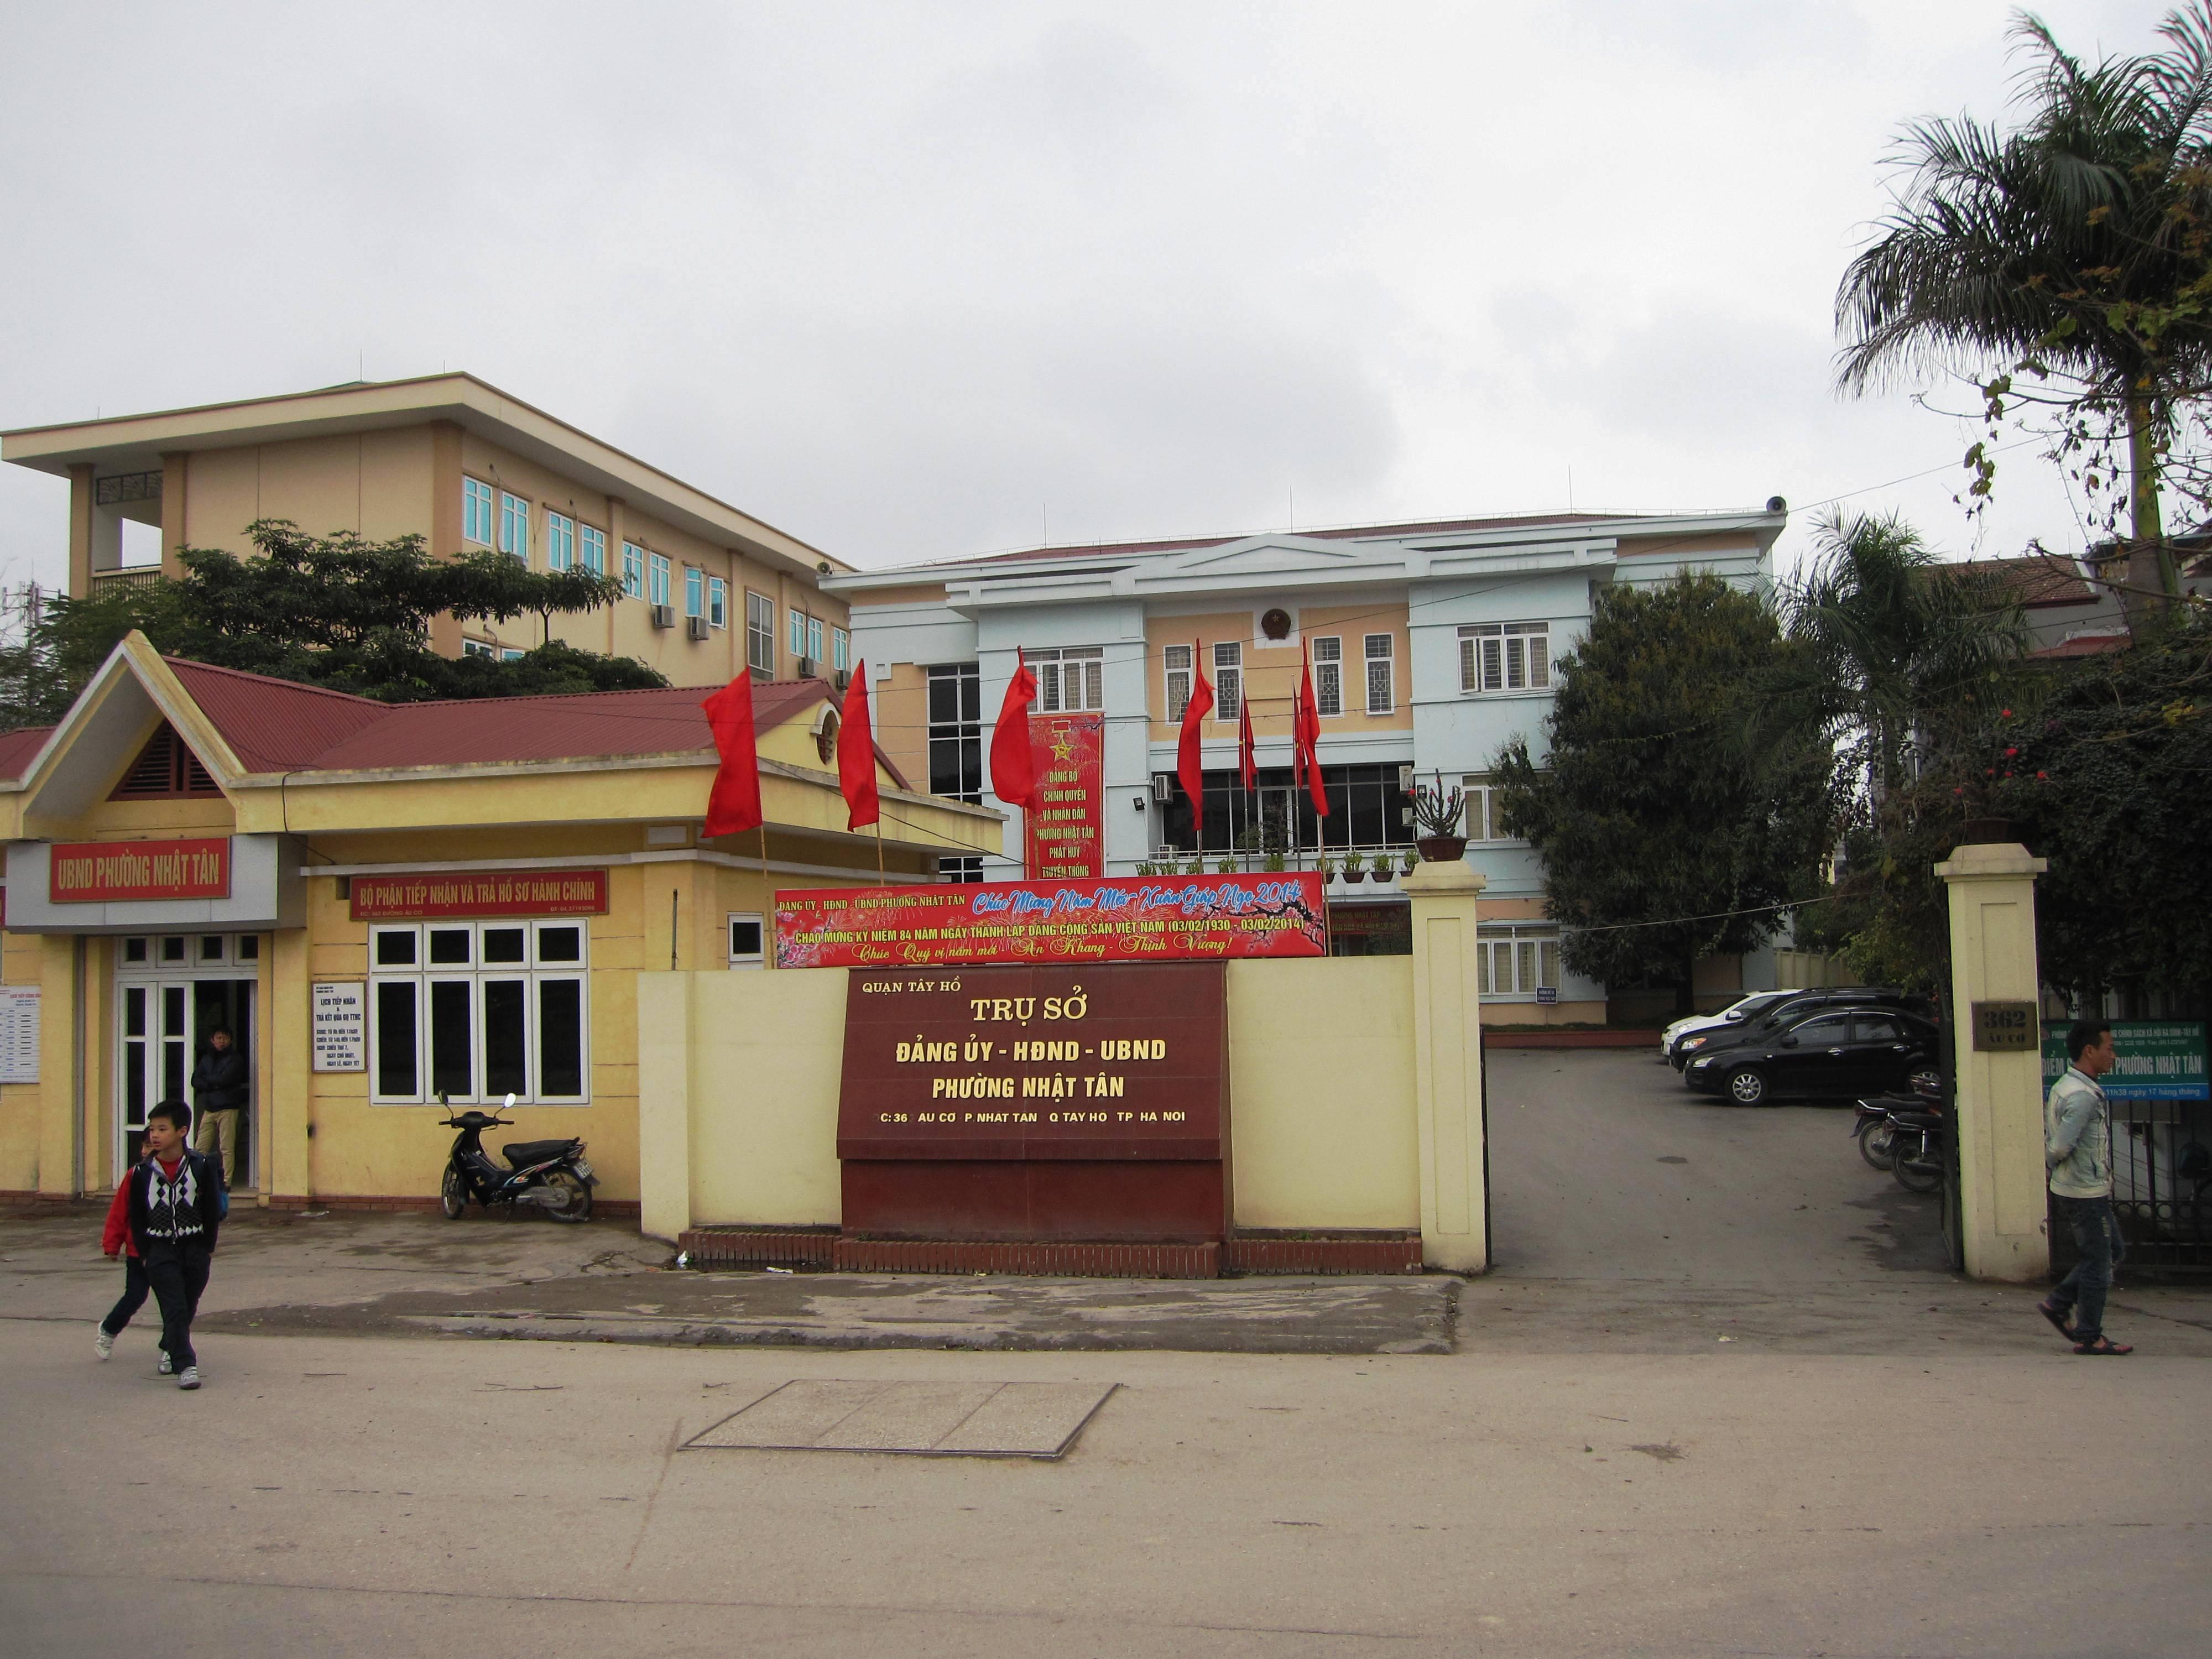 UBND phường Nhật Tân - Phường Nhật Tân